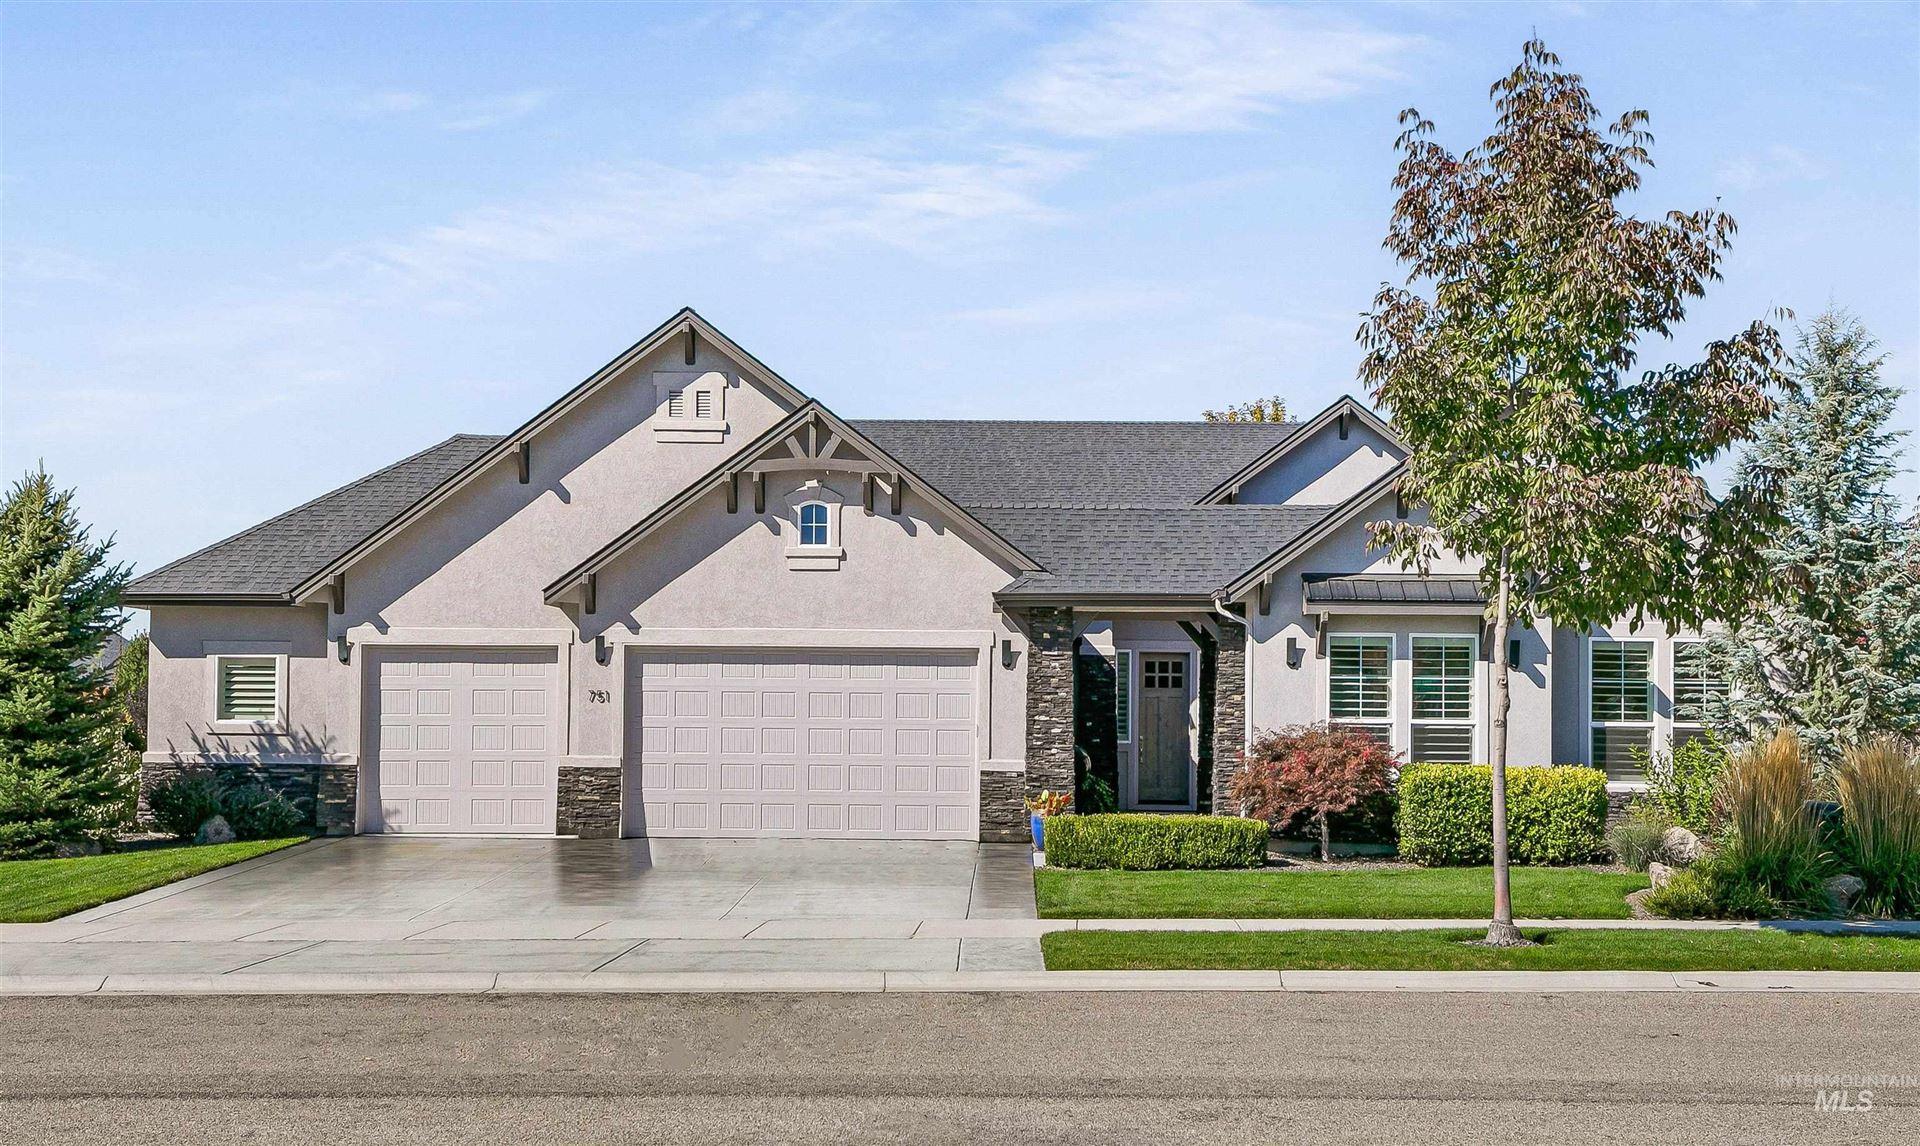 751 S Mace Ranch Way, Eagle, ID 83616-4109 - MLS#: 98822250